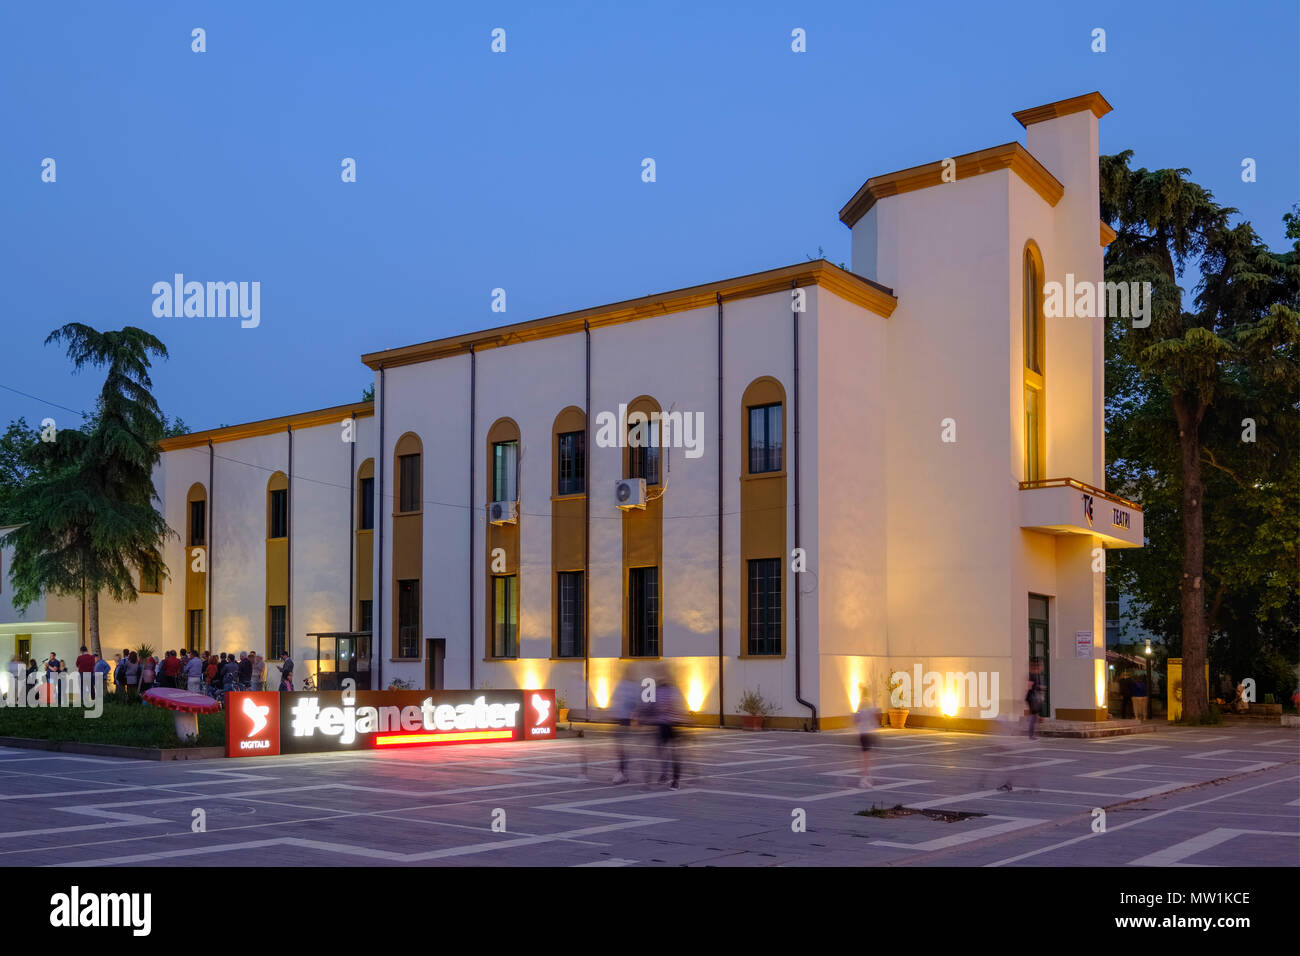 National Theatre at dusk, City Centre, Tirana, Albania - Stock Image